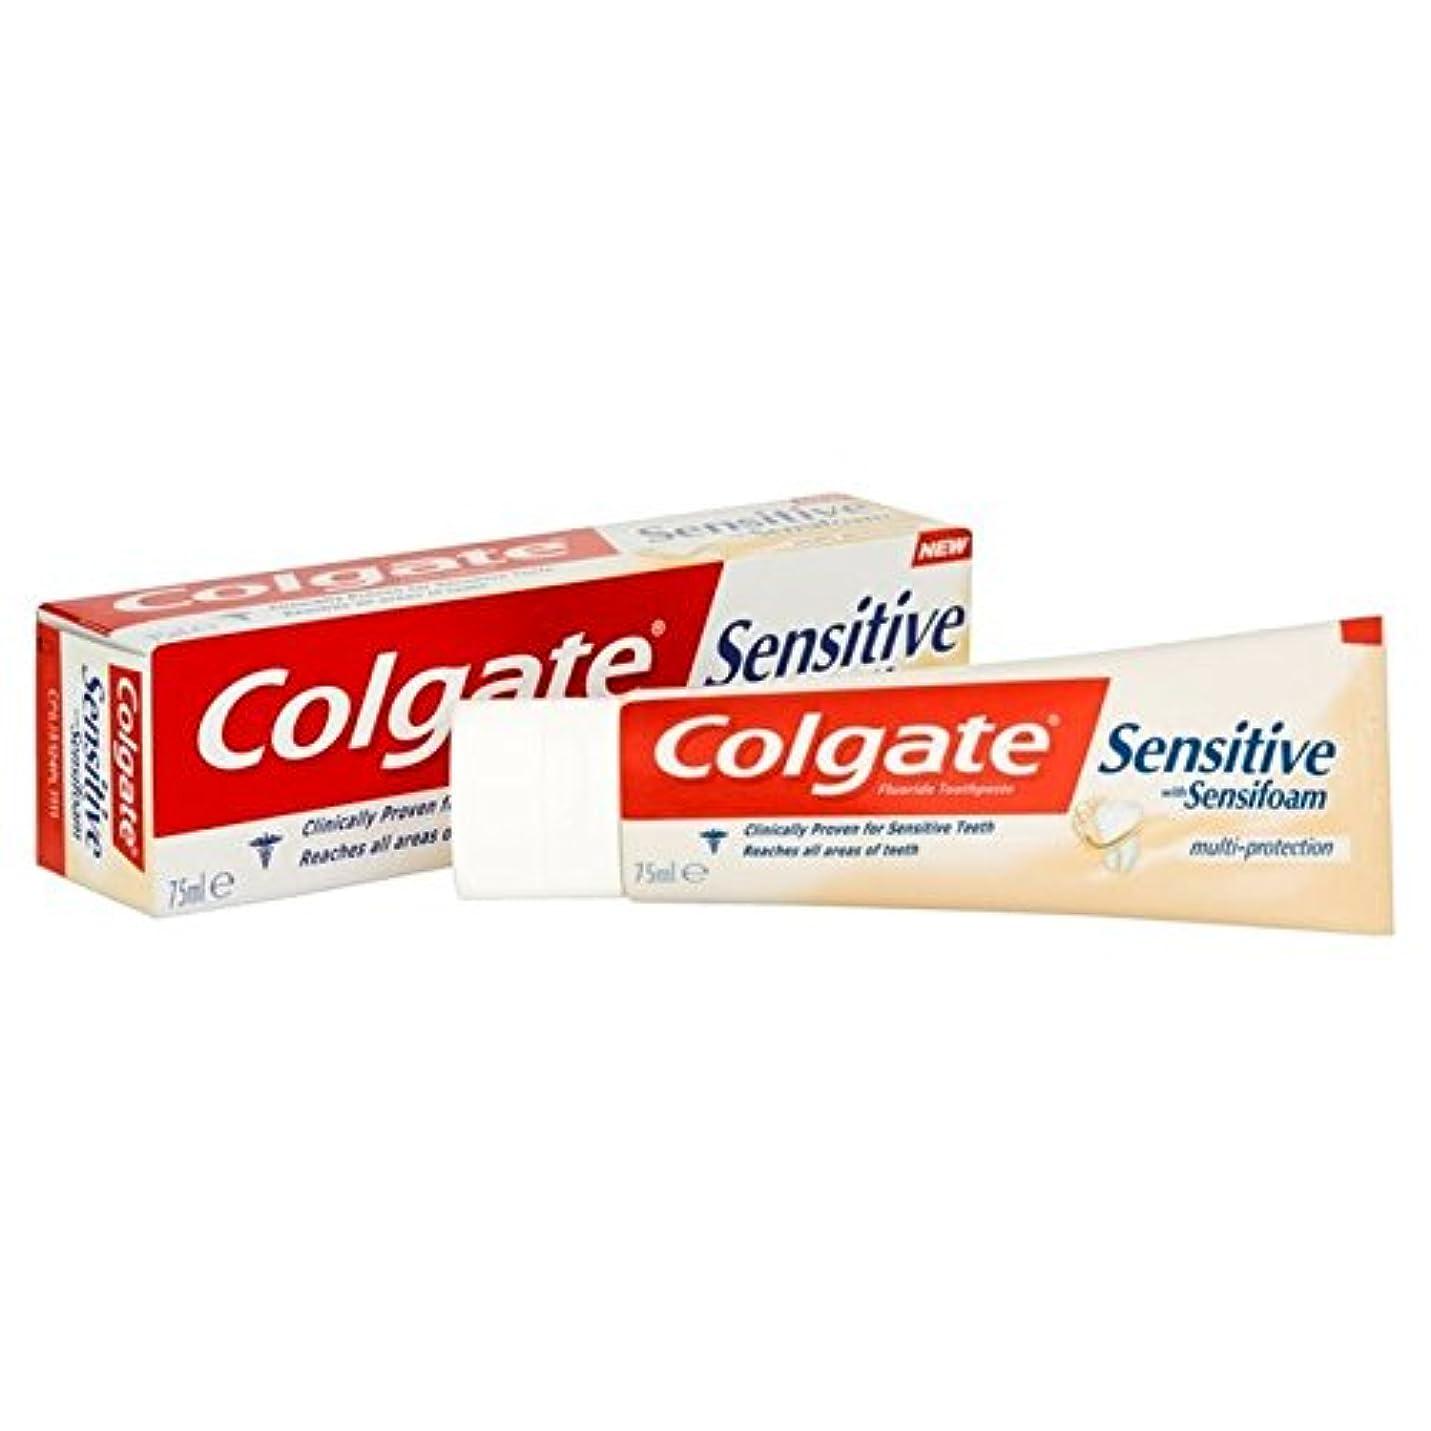 呼びかける日付付きマラウイコルゲート敏感な泡は、マルチ歯磨き粉75ミリリットルを保護します x4 - Colgate Sensitive Foam Multi Protect Toothpaste 75ml (Pack of 4) [並行輸入品]